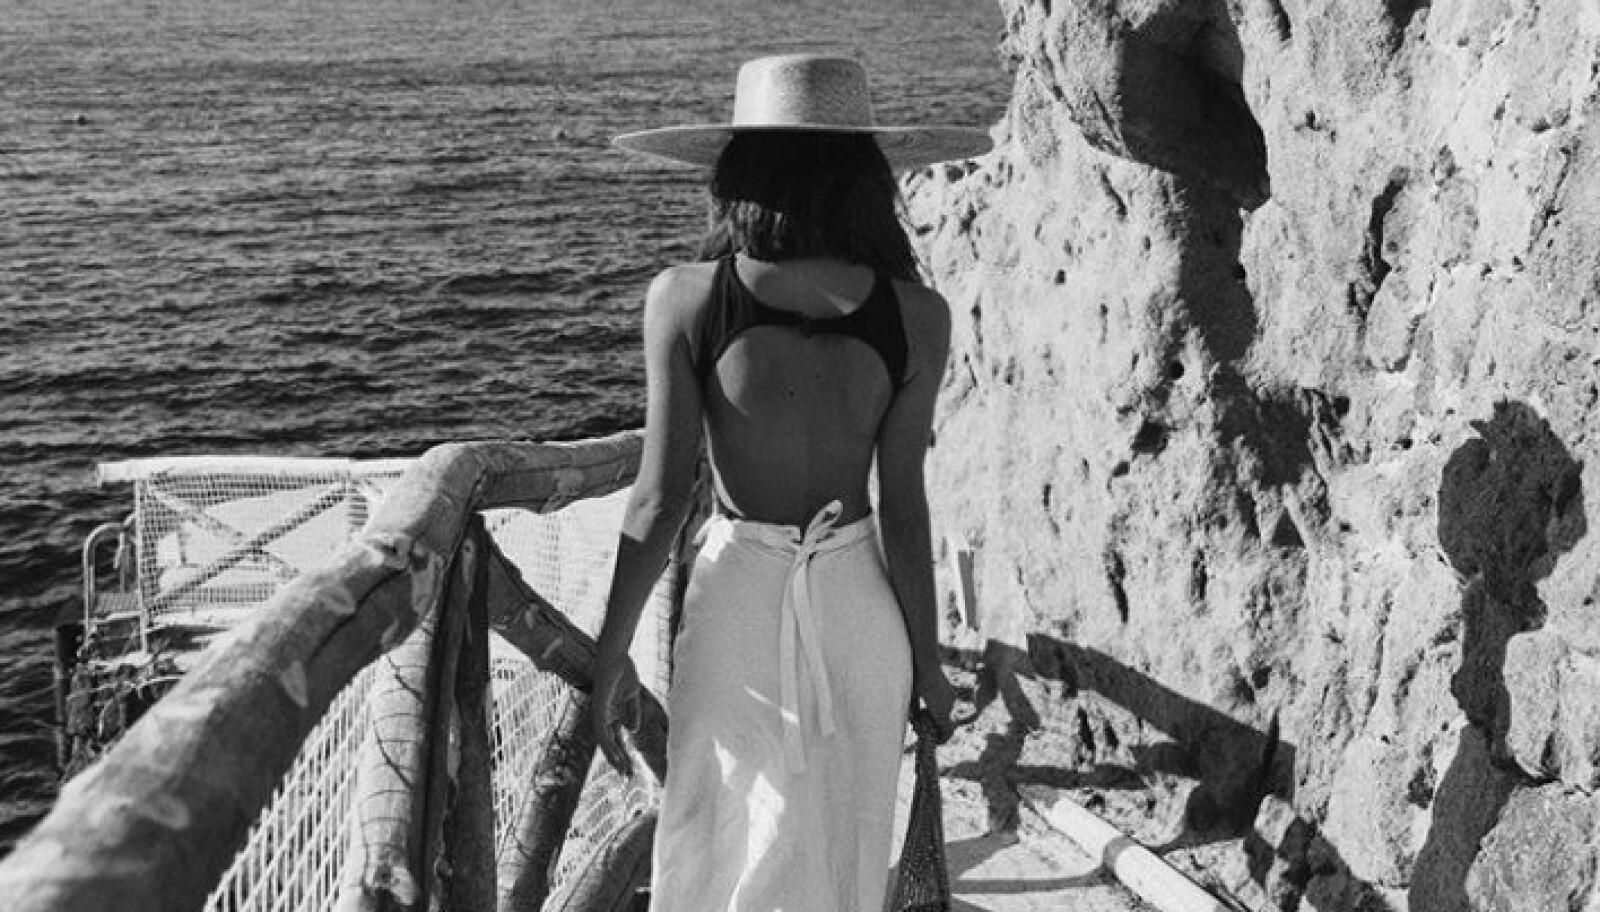 KLAR FOR STRANDA: Et skjørt sammen med en badedrakt er så fint! Topp det hele med en lekker solhatt og du er klar. Foto: Instagram: deborarosa